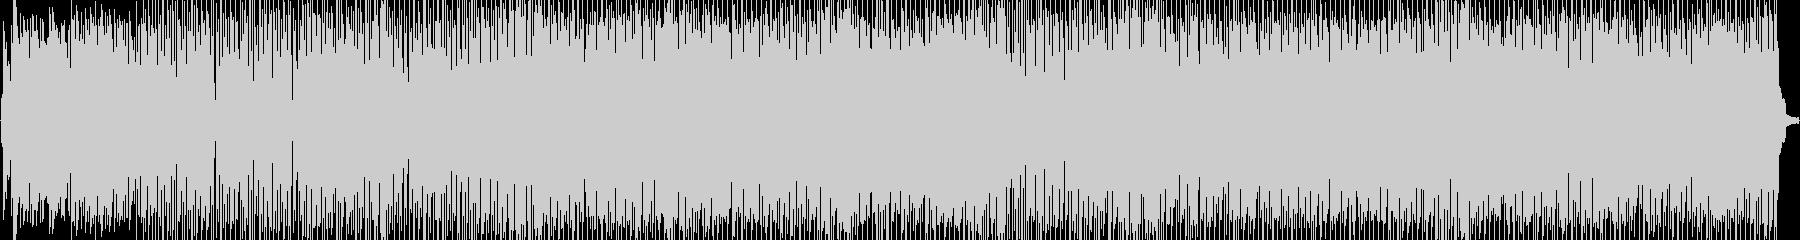 ポップ 。メロディック。ソングライ...の未再生の波形